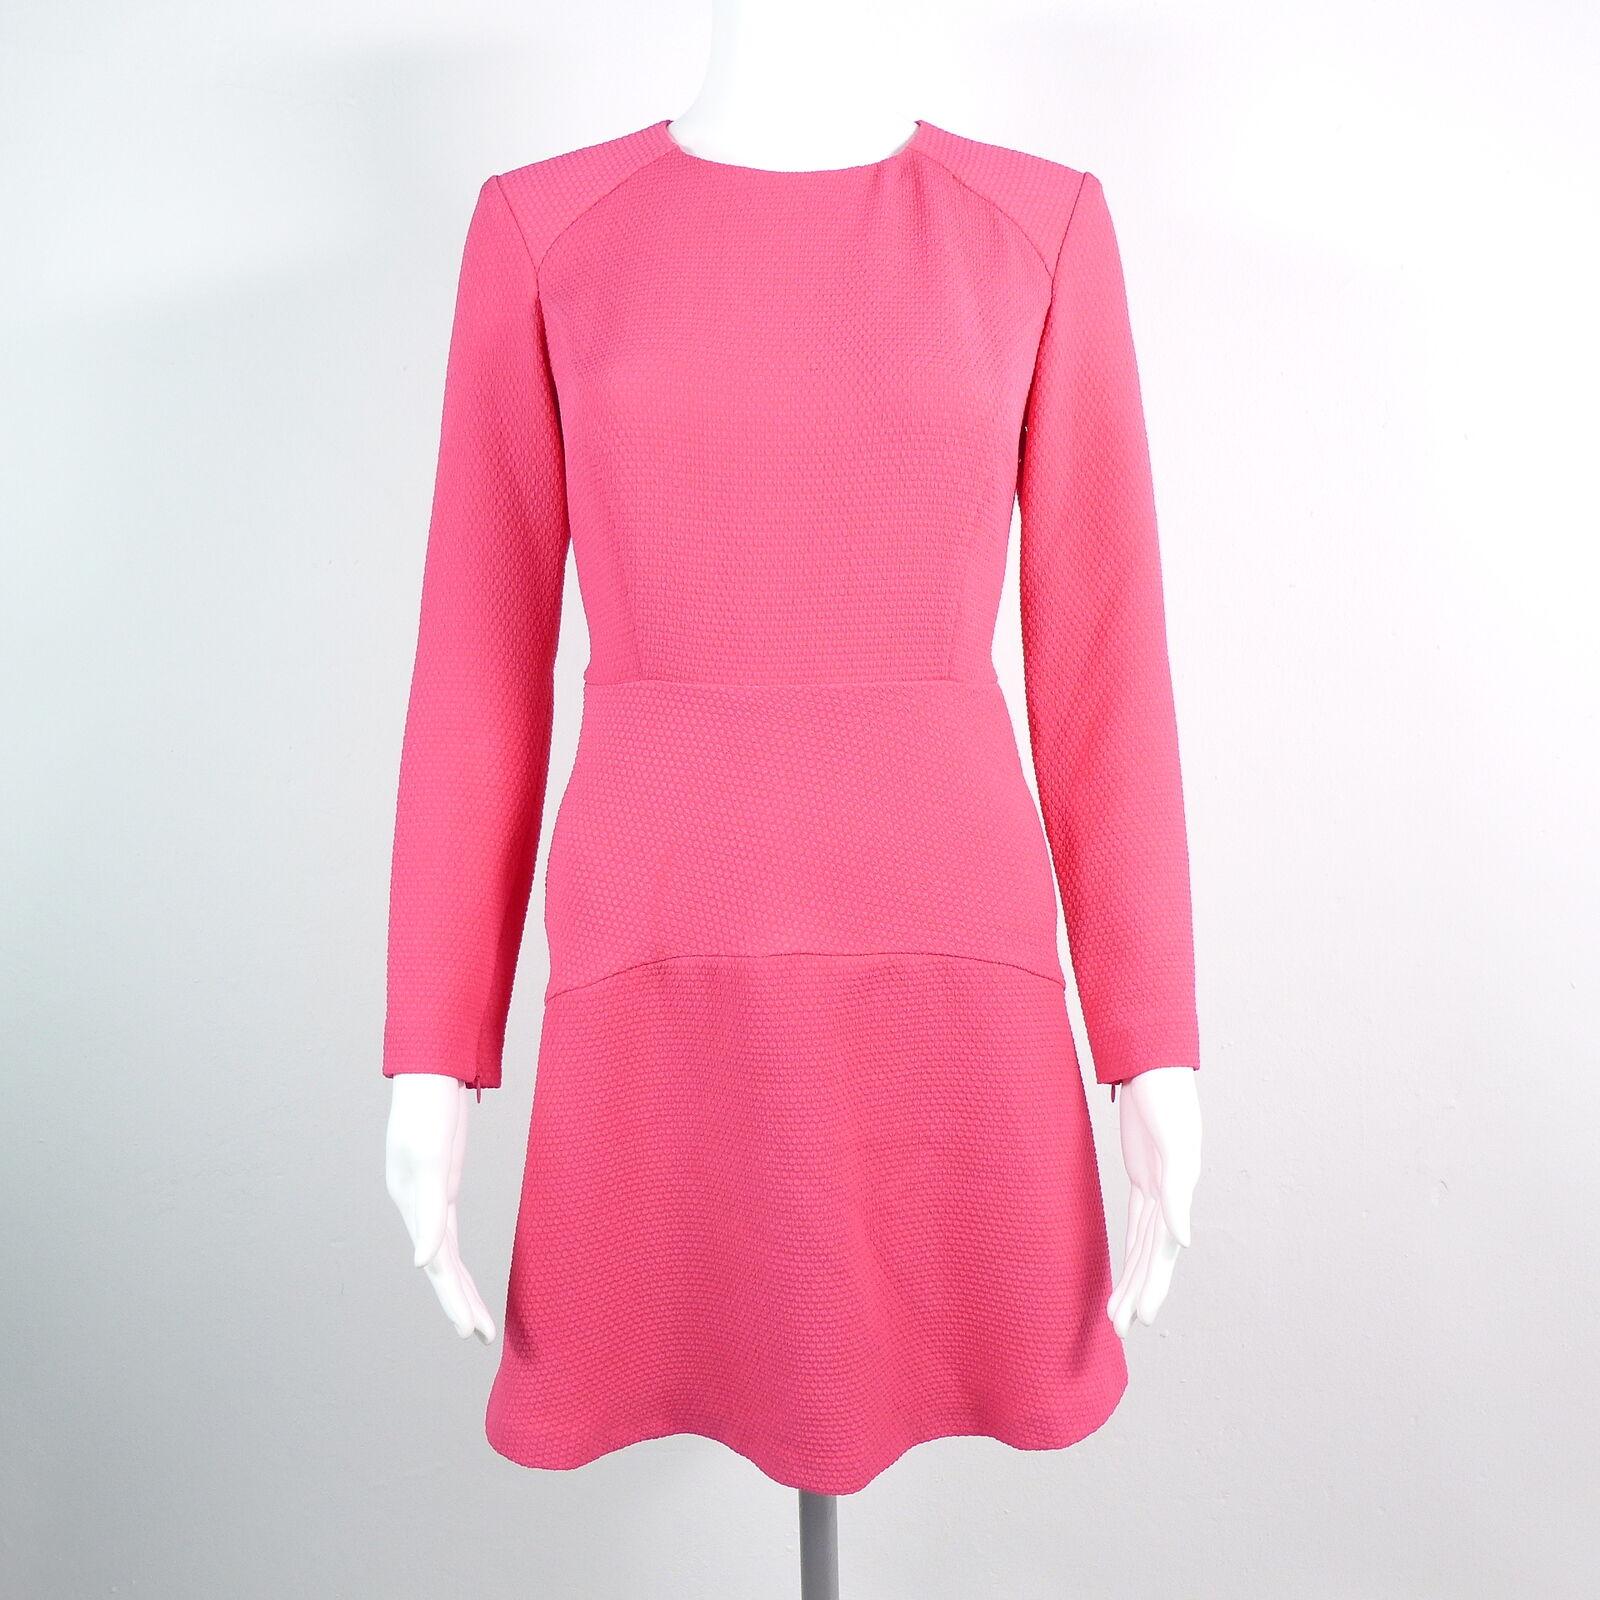 SANDRO PARIS Kleid Cocktail Gr.1 DE 34 36  Rosa Rosa Damen Robe Dress